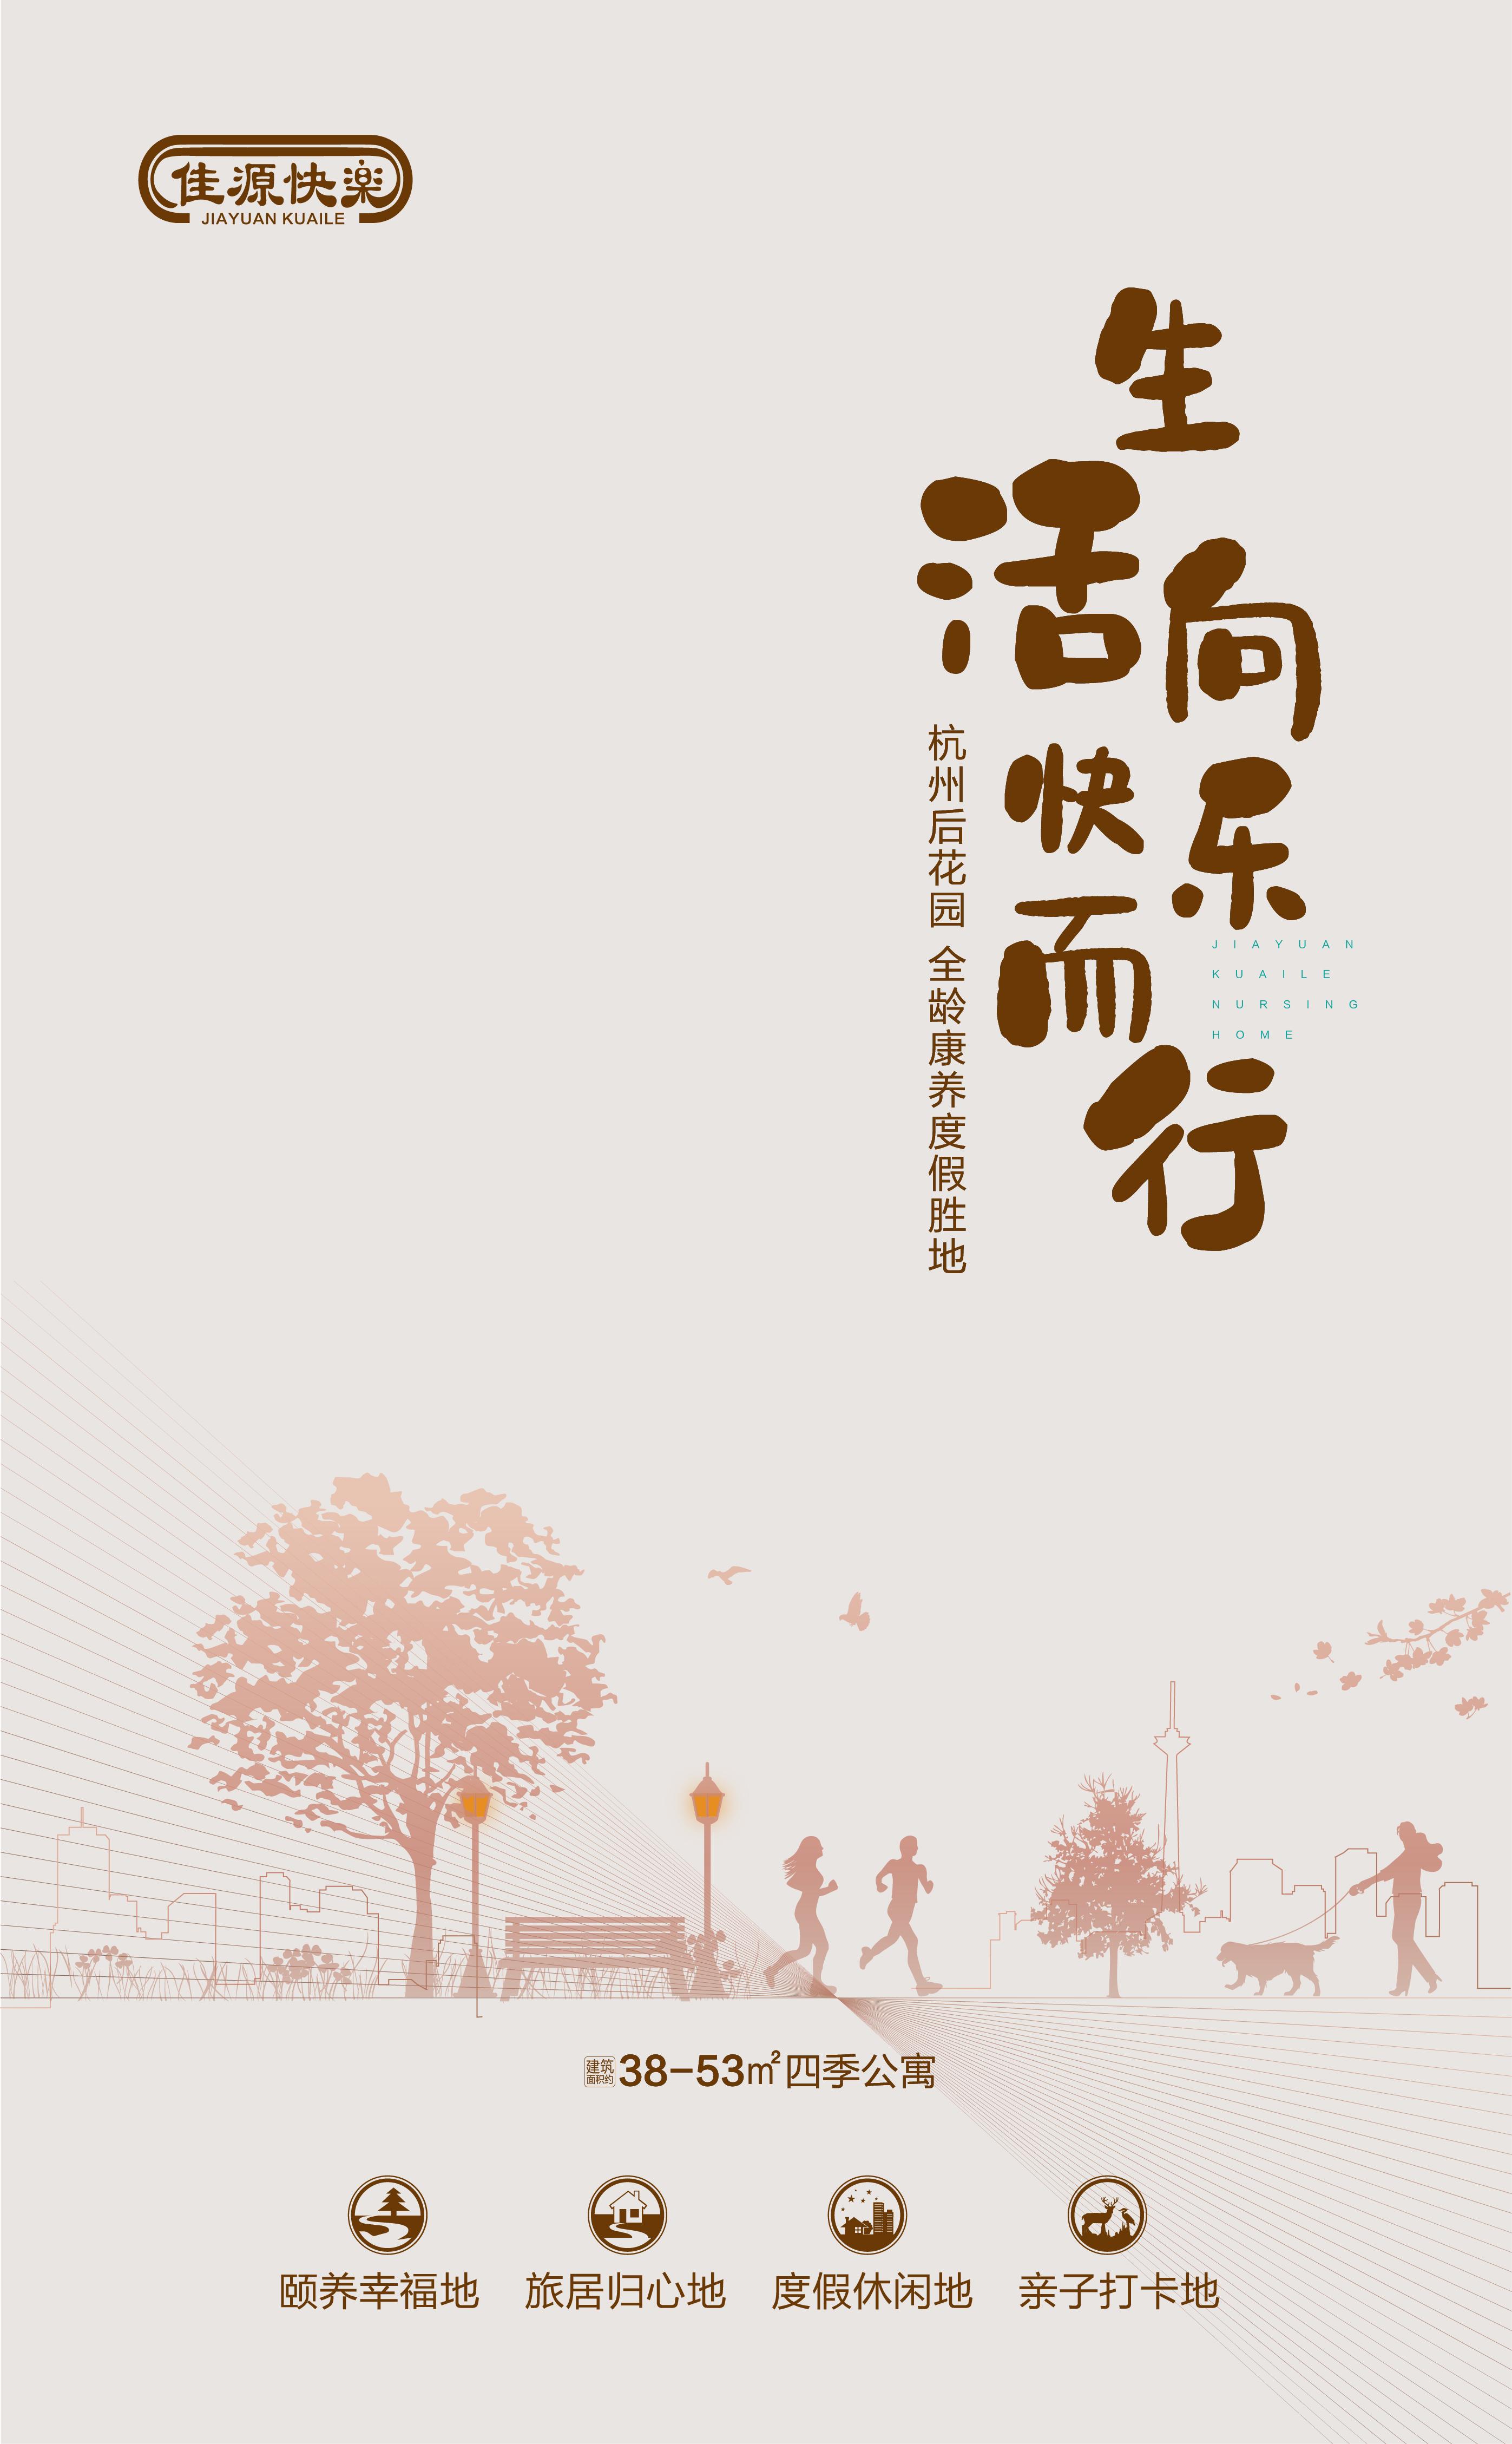 杭州·佳源快樂